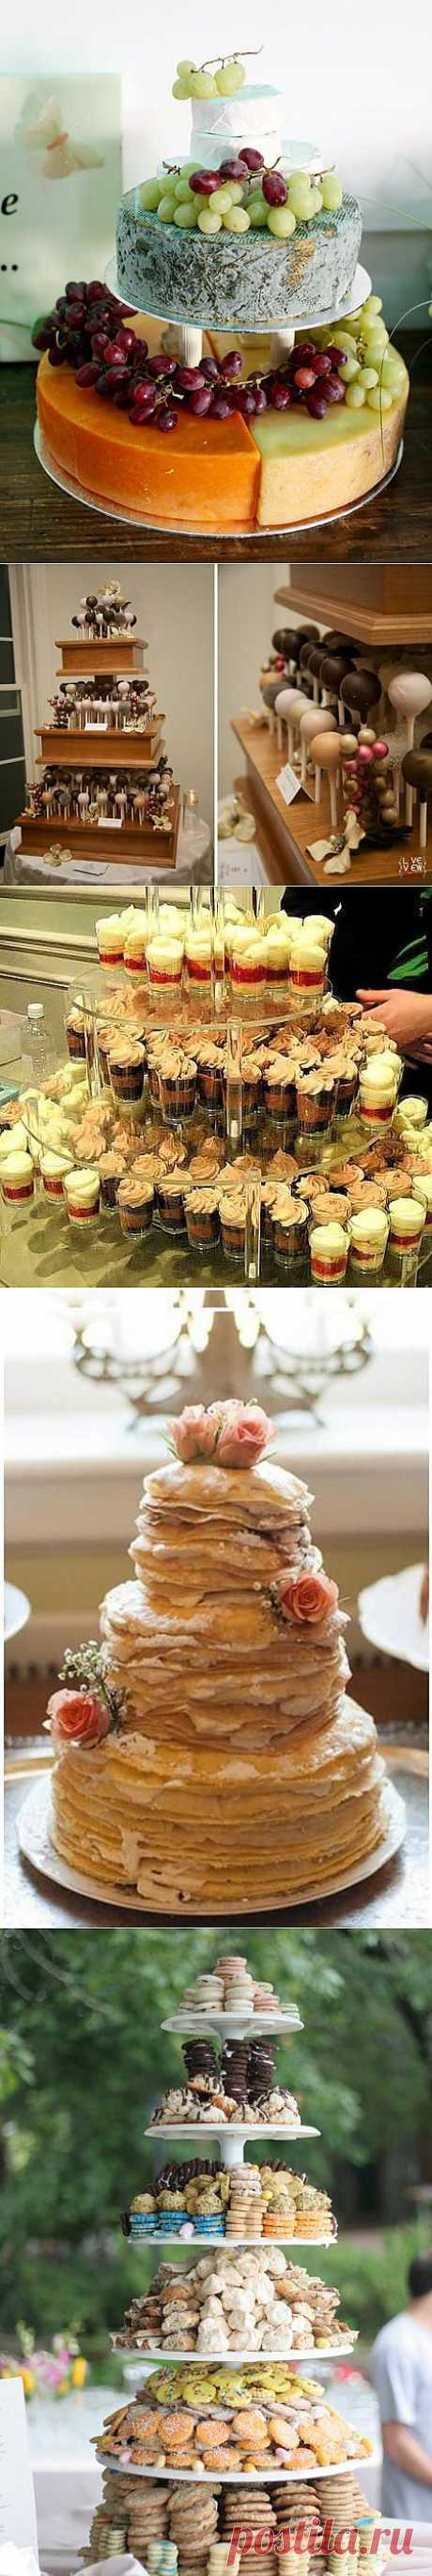 Прикольные альтернативы традиционному свадебному торту